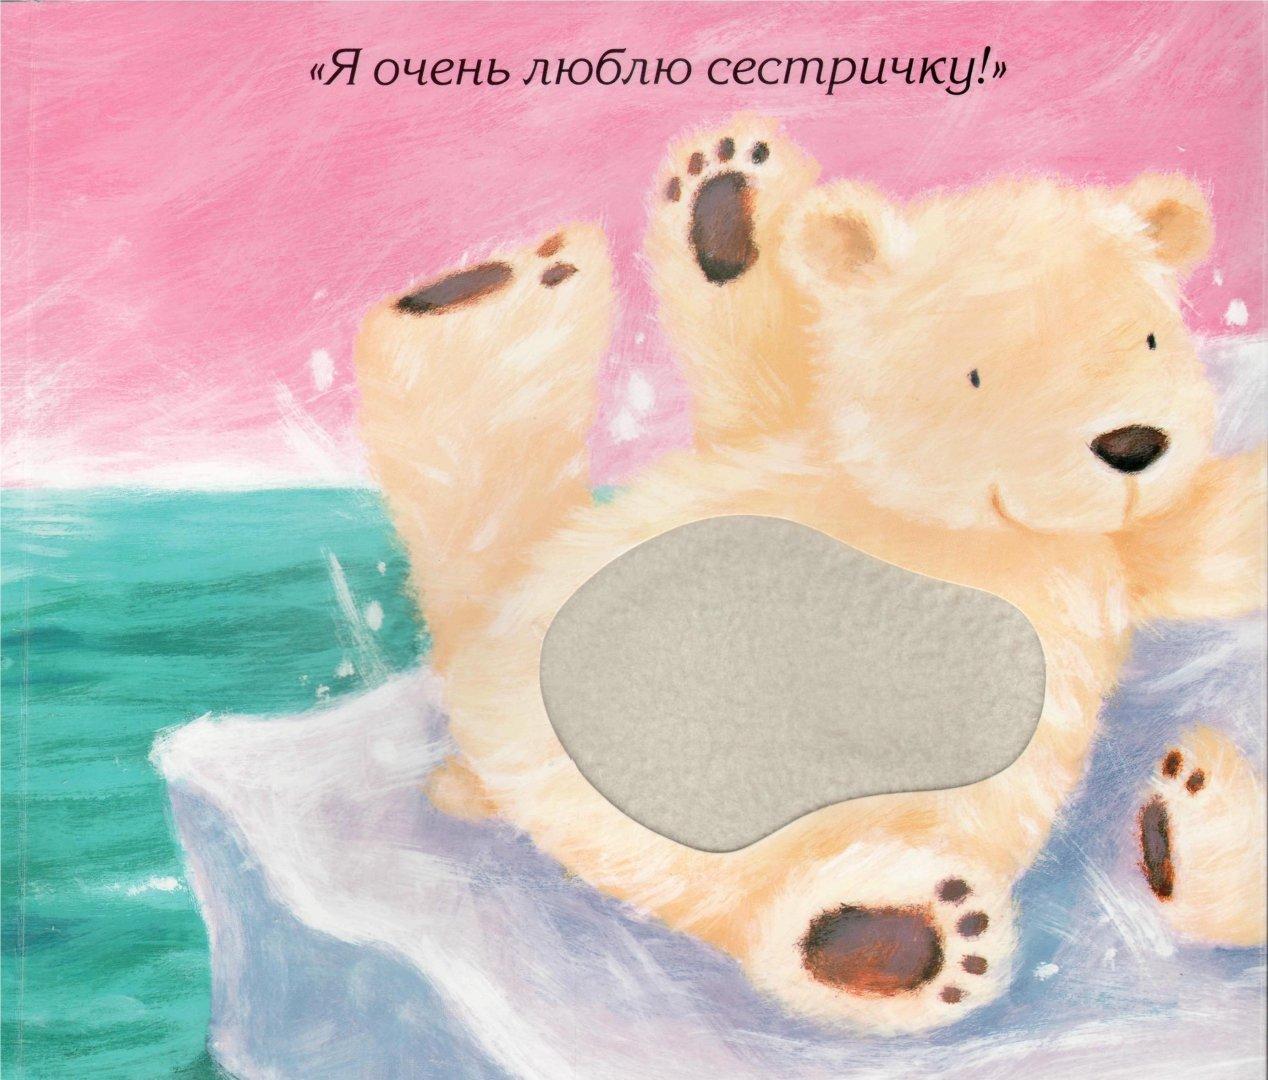 Иллюстрация 1 из 6 для Кого любят медвежата? Потрогай и погладь - Лариса Бурмистрова | Лабиринт - книги. Источник: Лабиринт